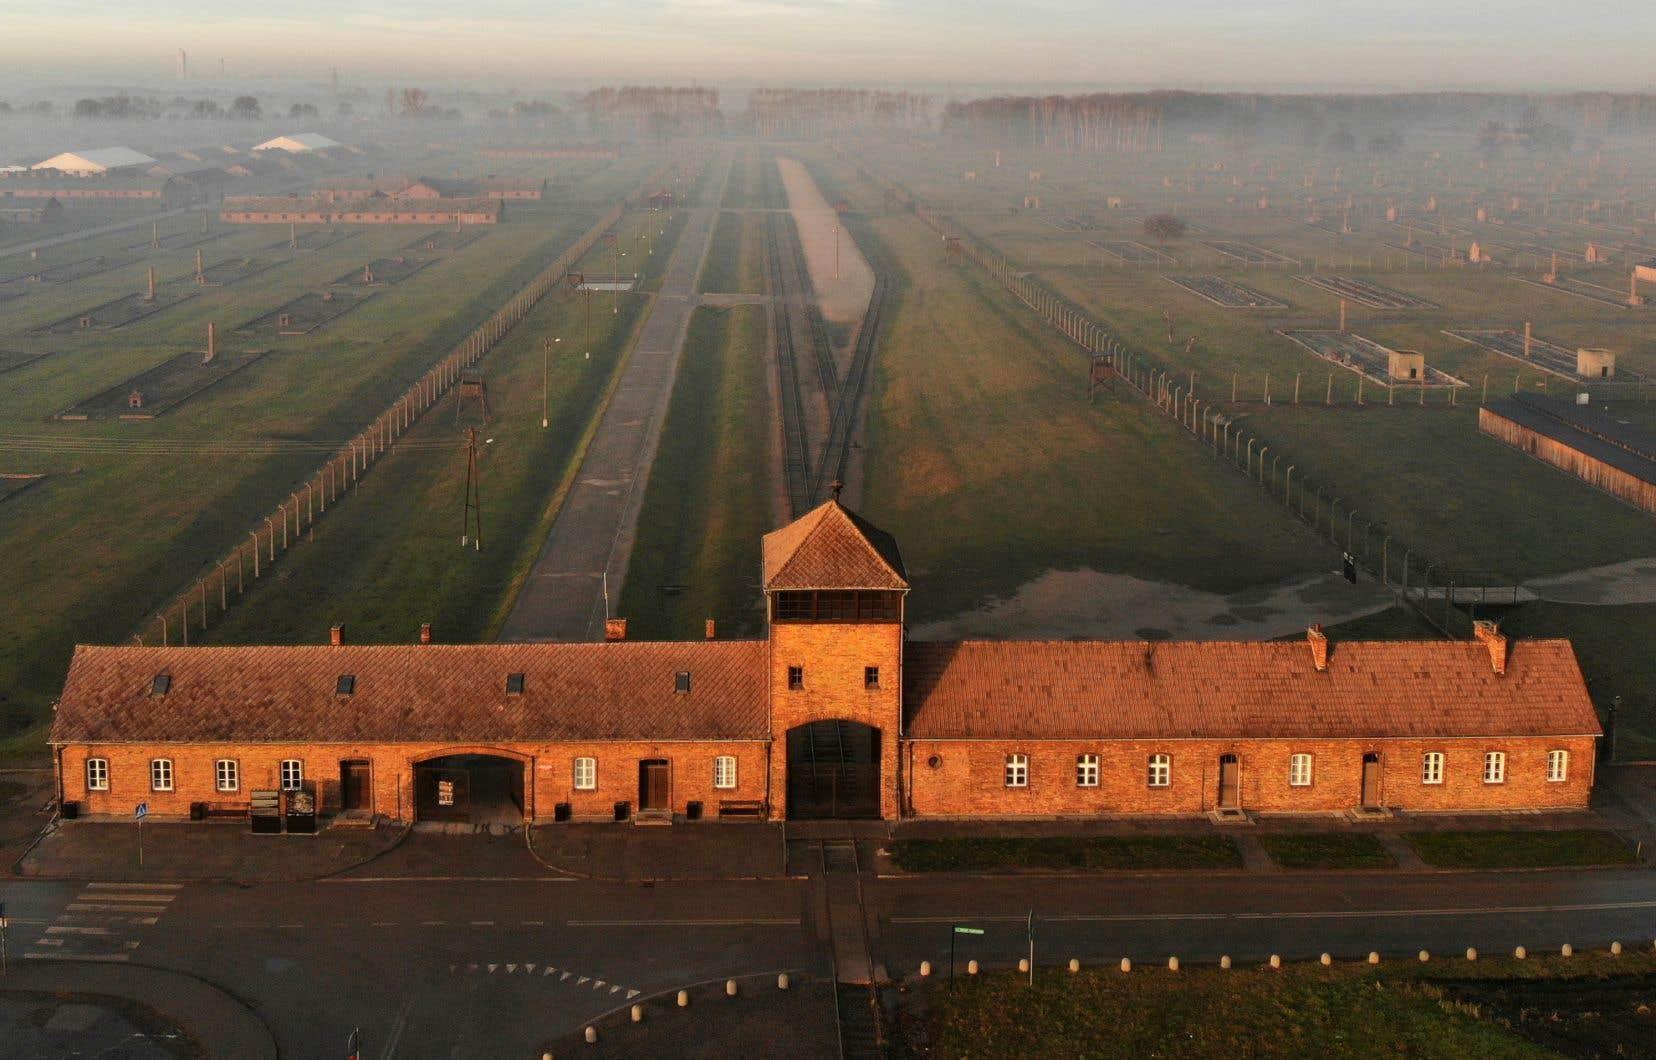 Le camp de concentration d'Auschwitz symbolise le génocide orchestré par le régime nazi.